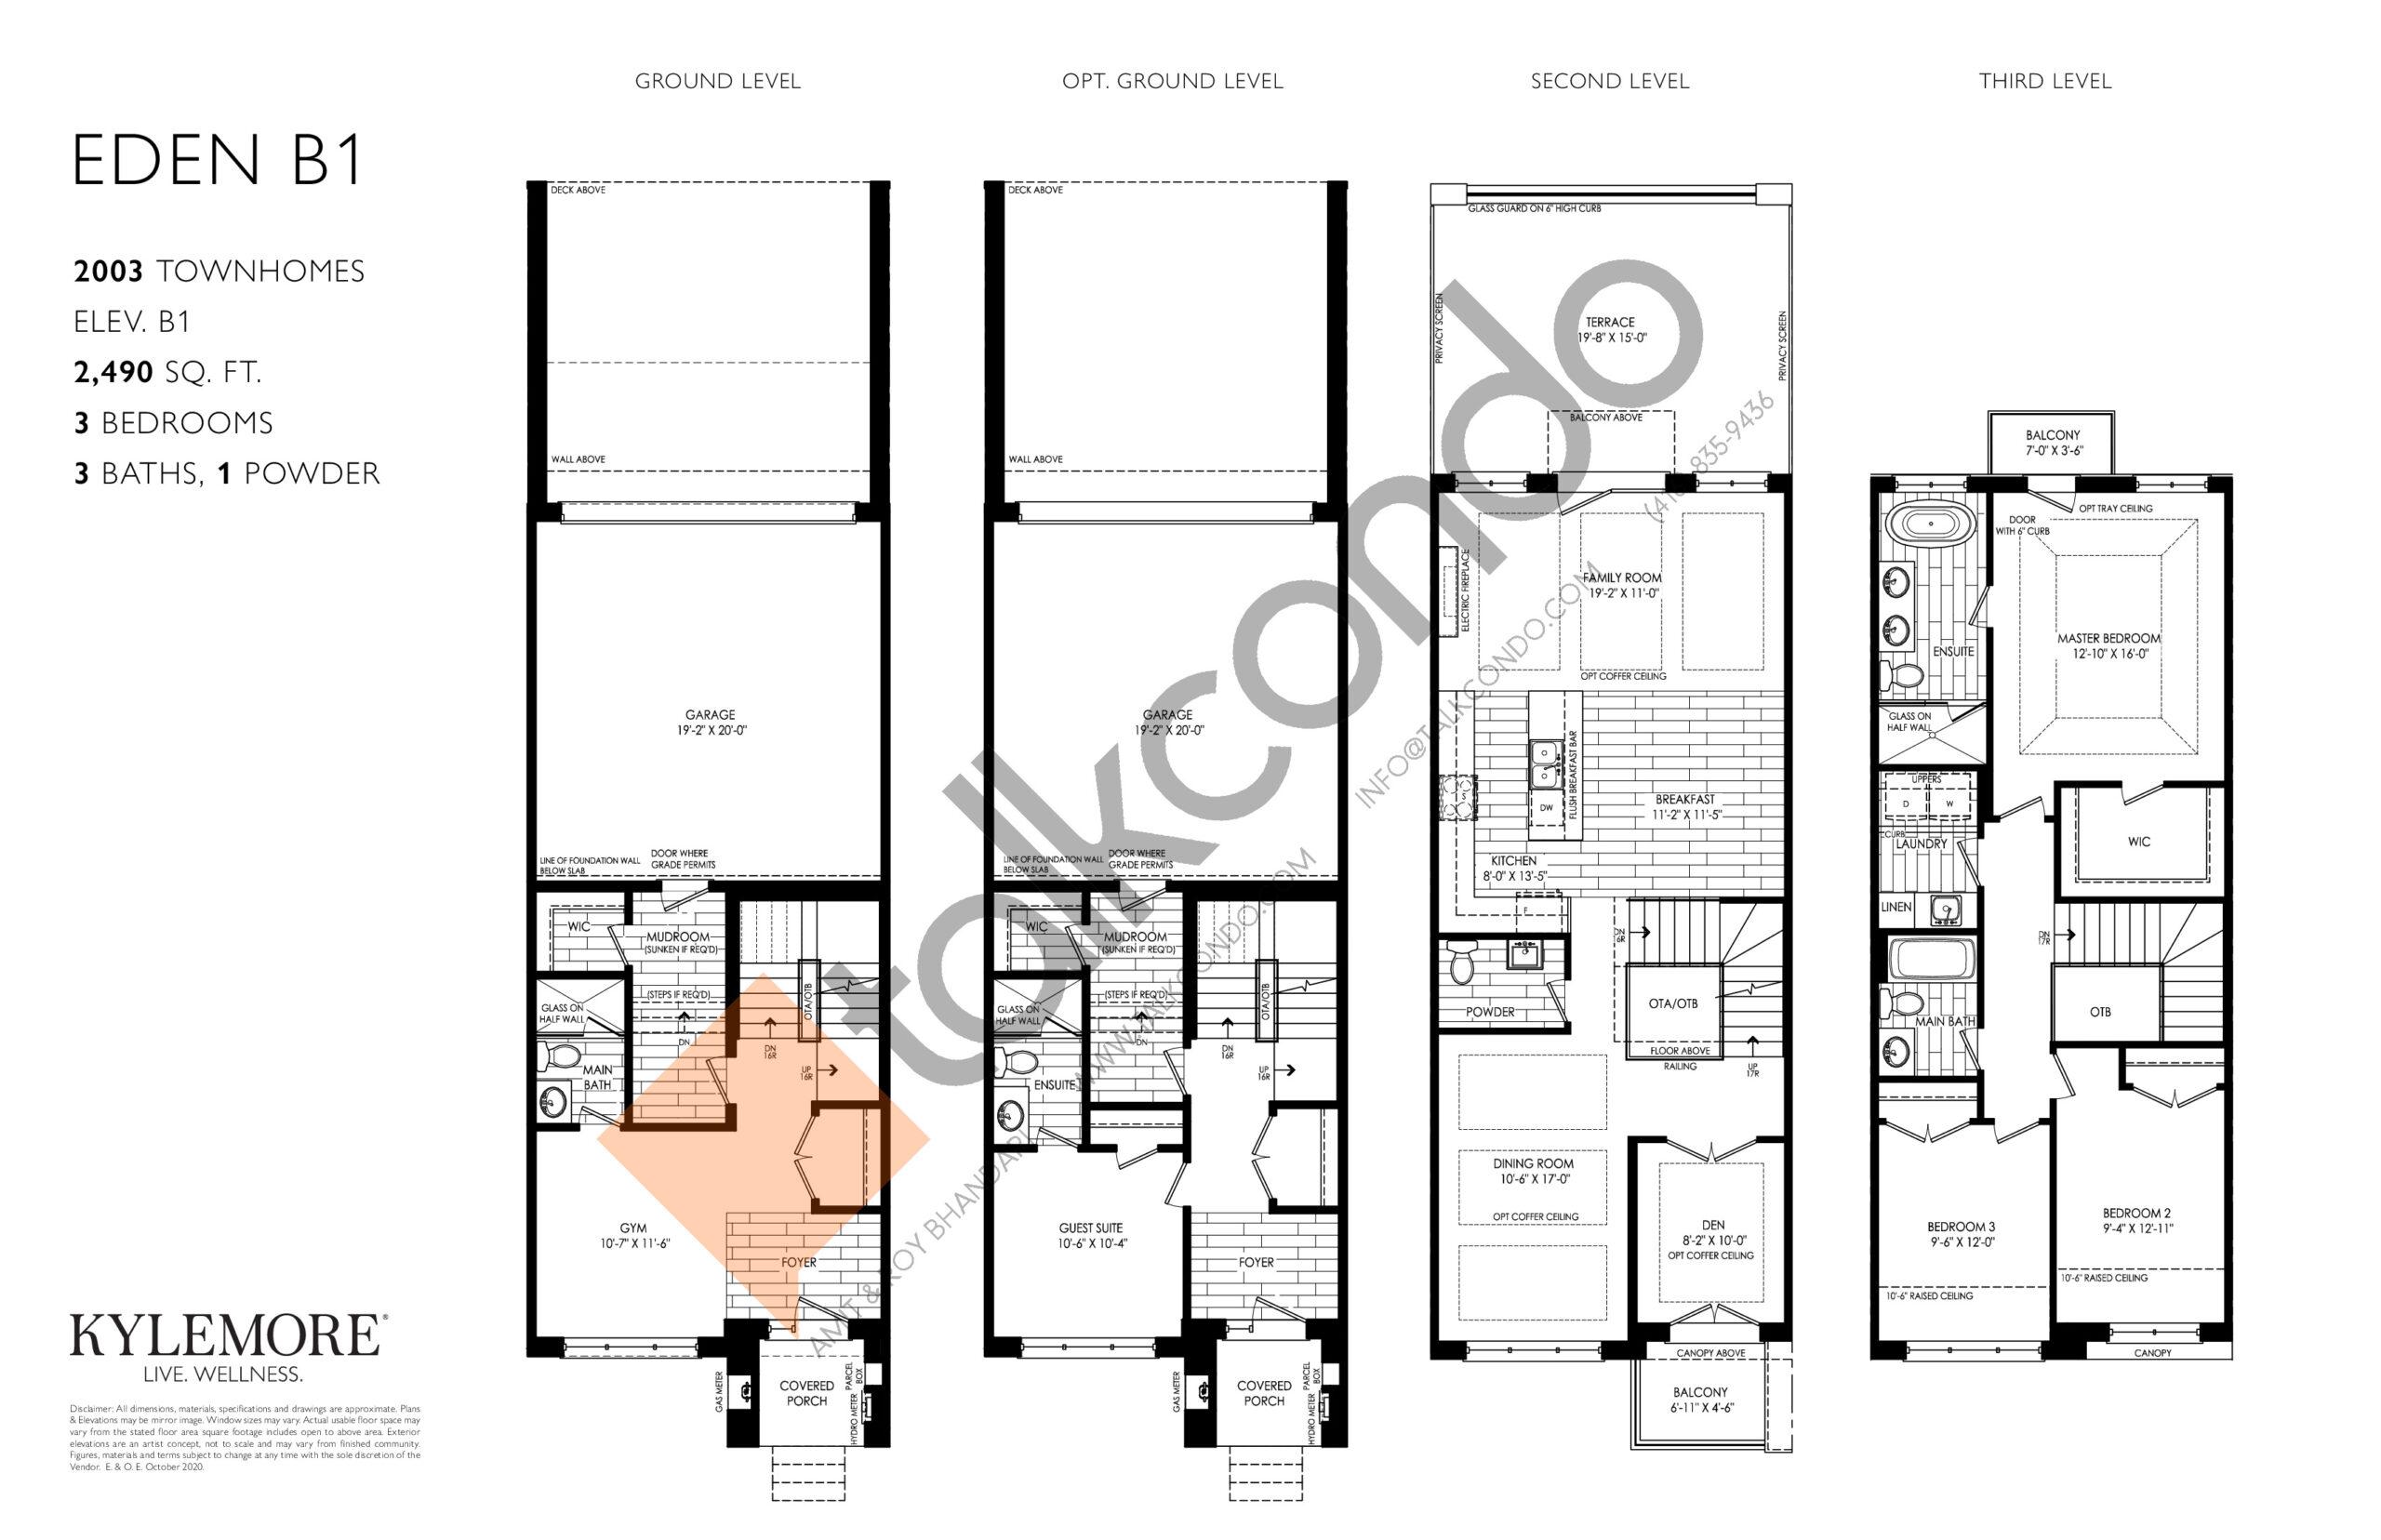 Eden B1 Floor Plan at Angus Glen South Village - 2490 sq.ft